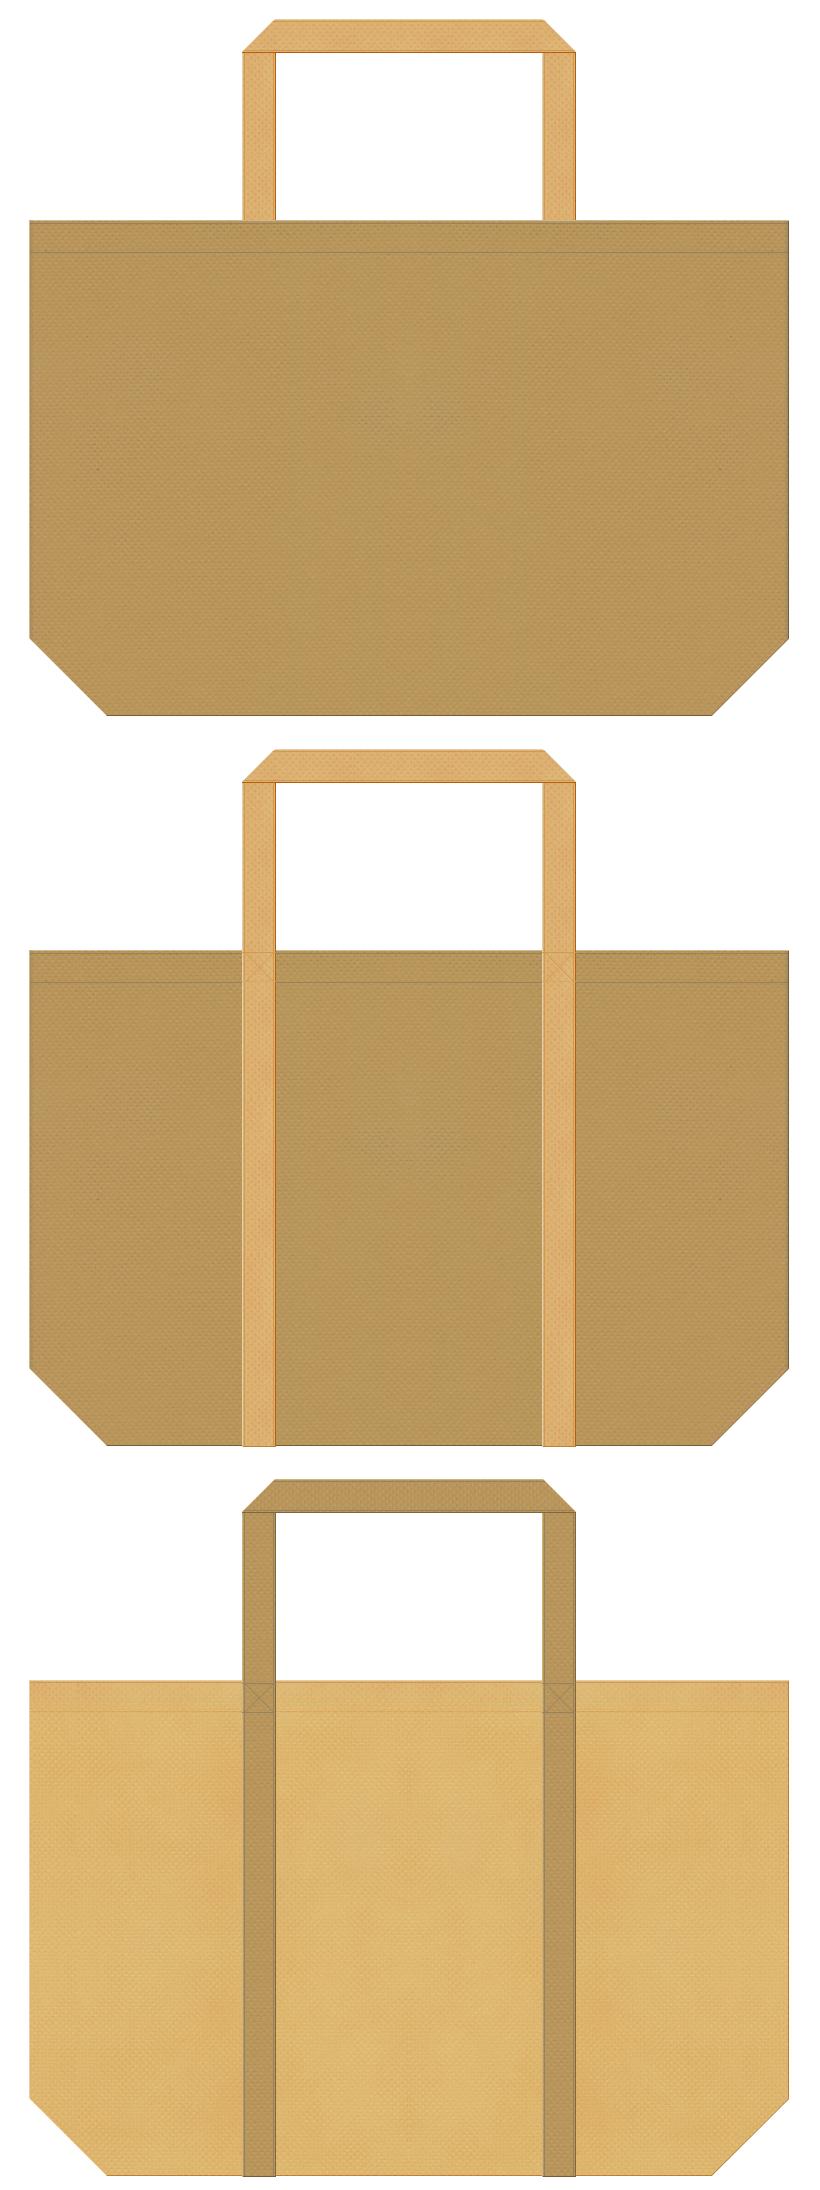 金色系黄土色と薄黄土色の不織布バッグデザイン。DIYのショッピングバッグにお奨めです。